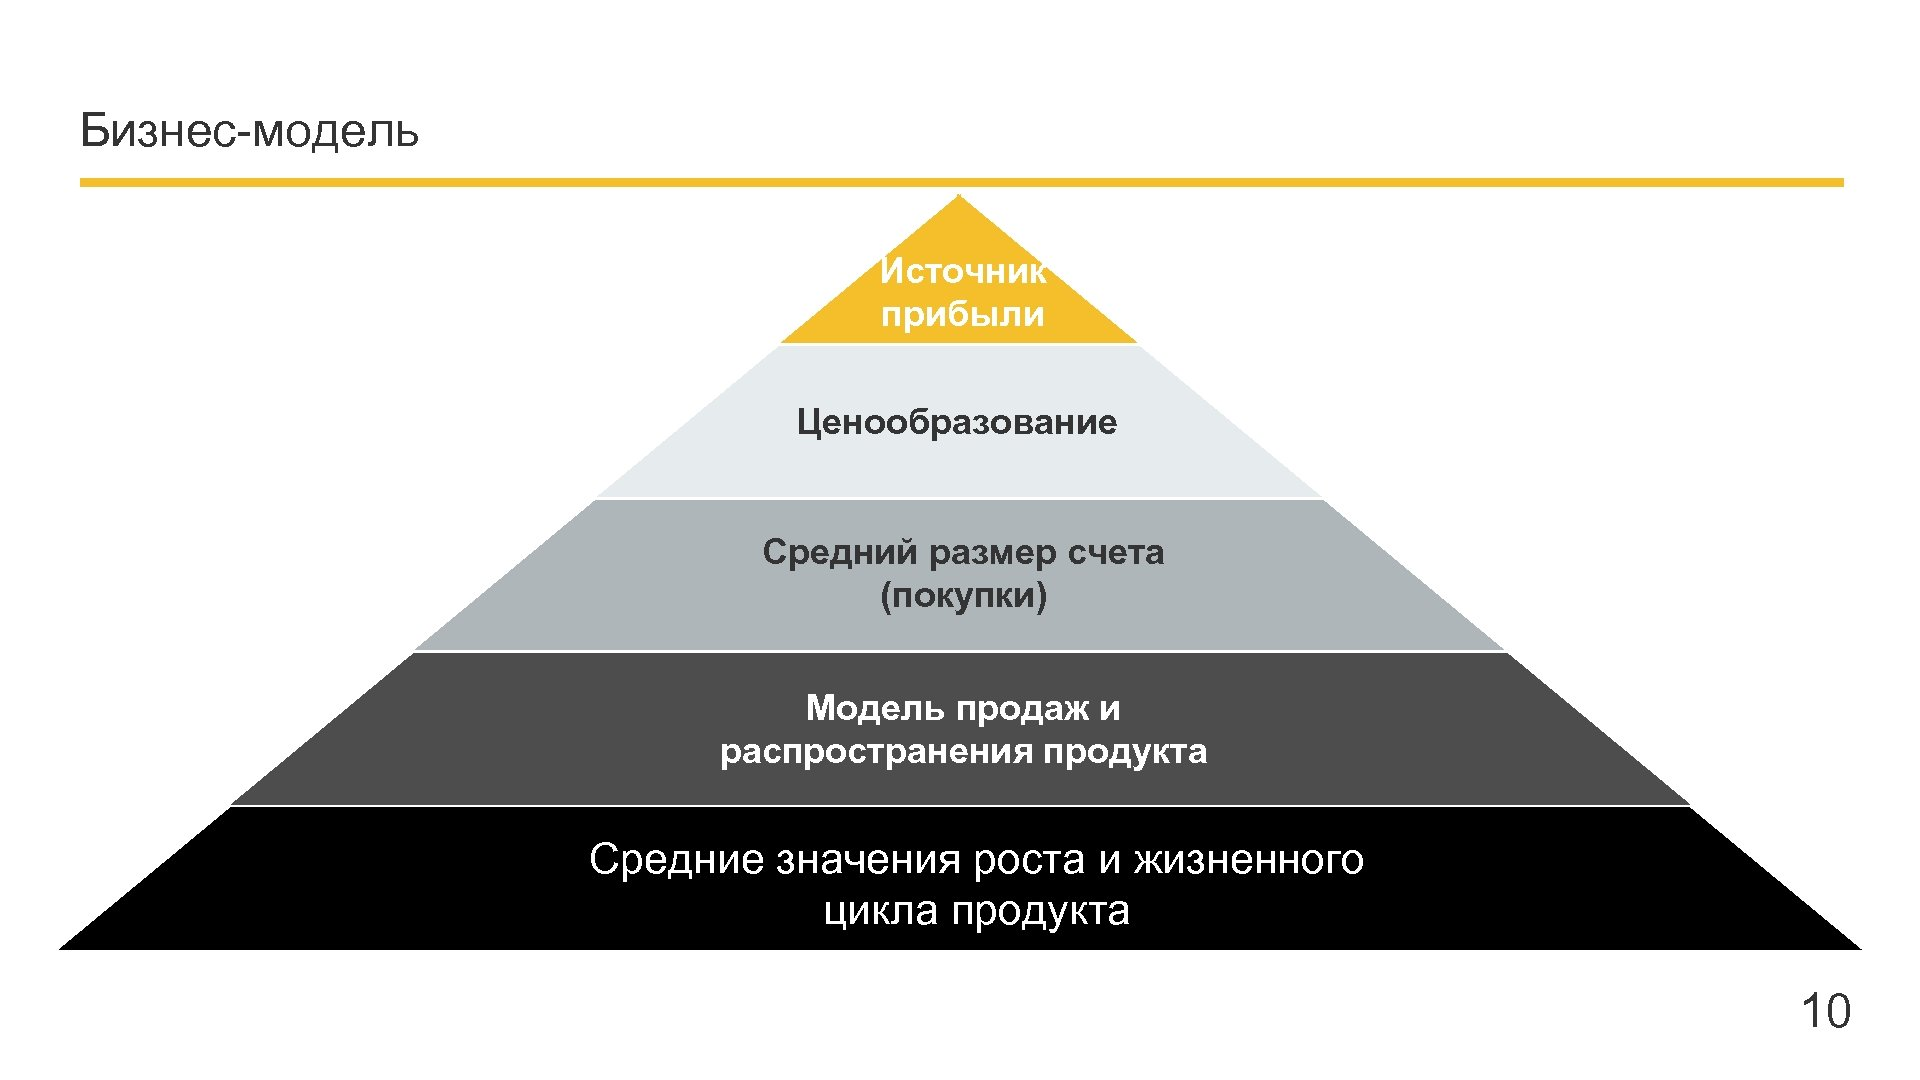 Бизнес-модель Источник прибыли Ценообразование Средний размер счета (покупки) Модель продаж и распространения продукта Средние